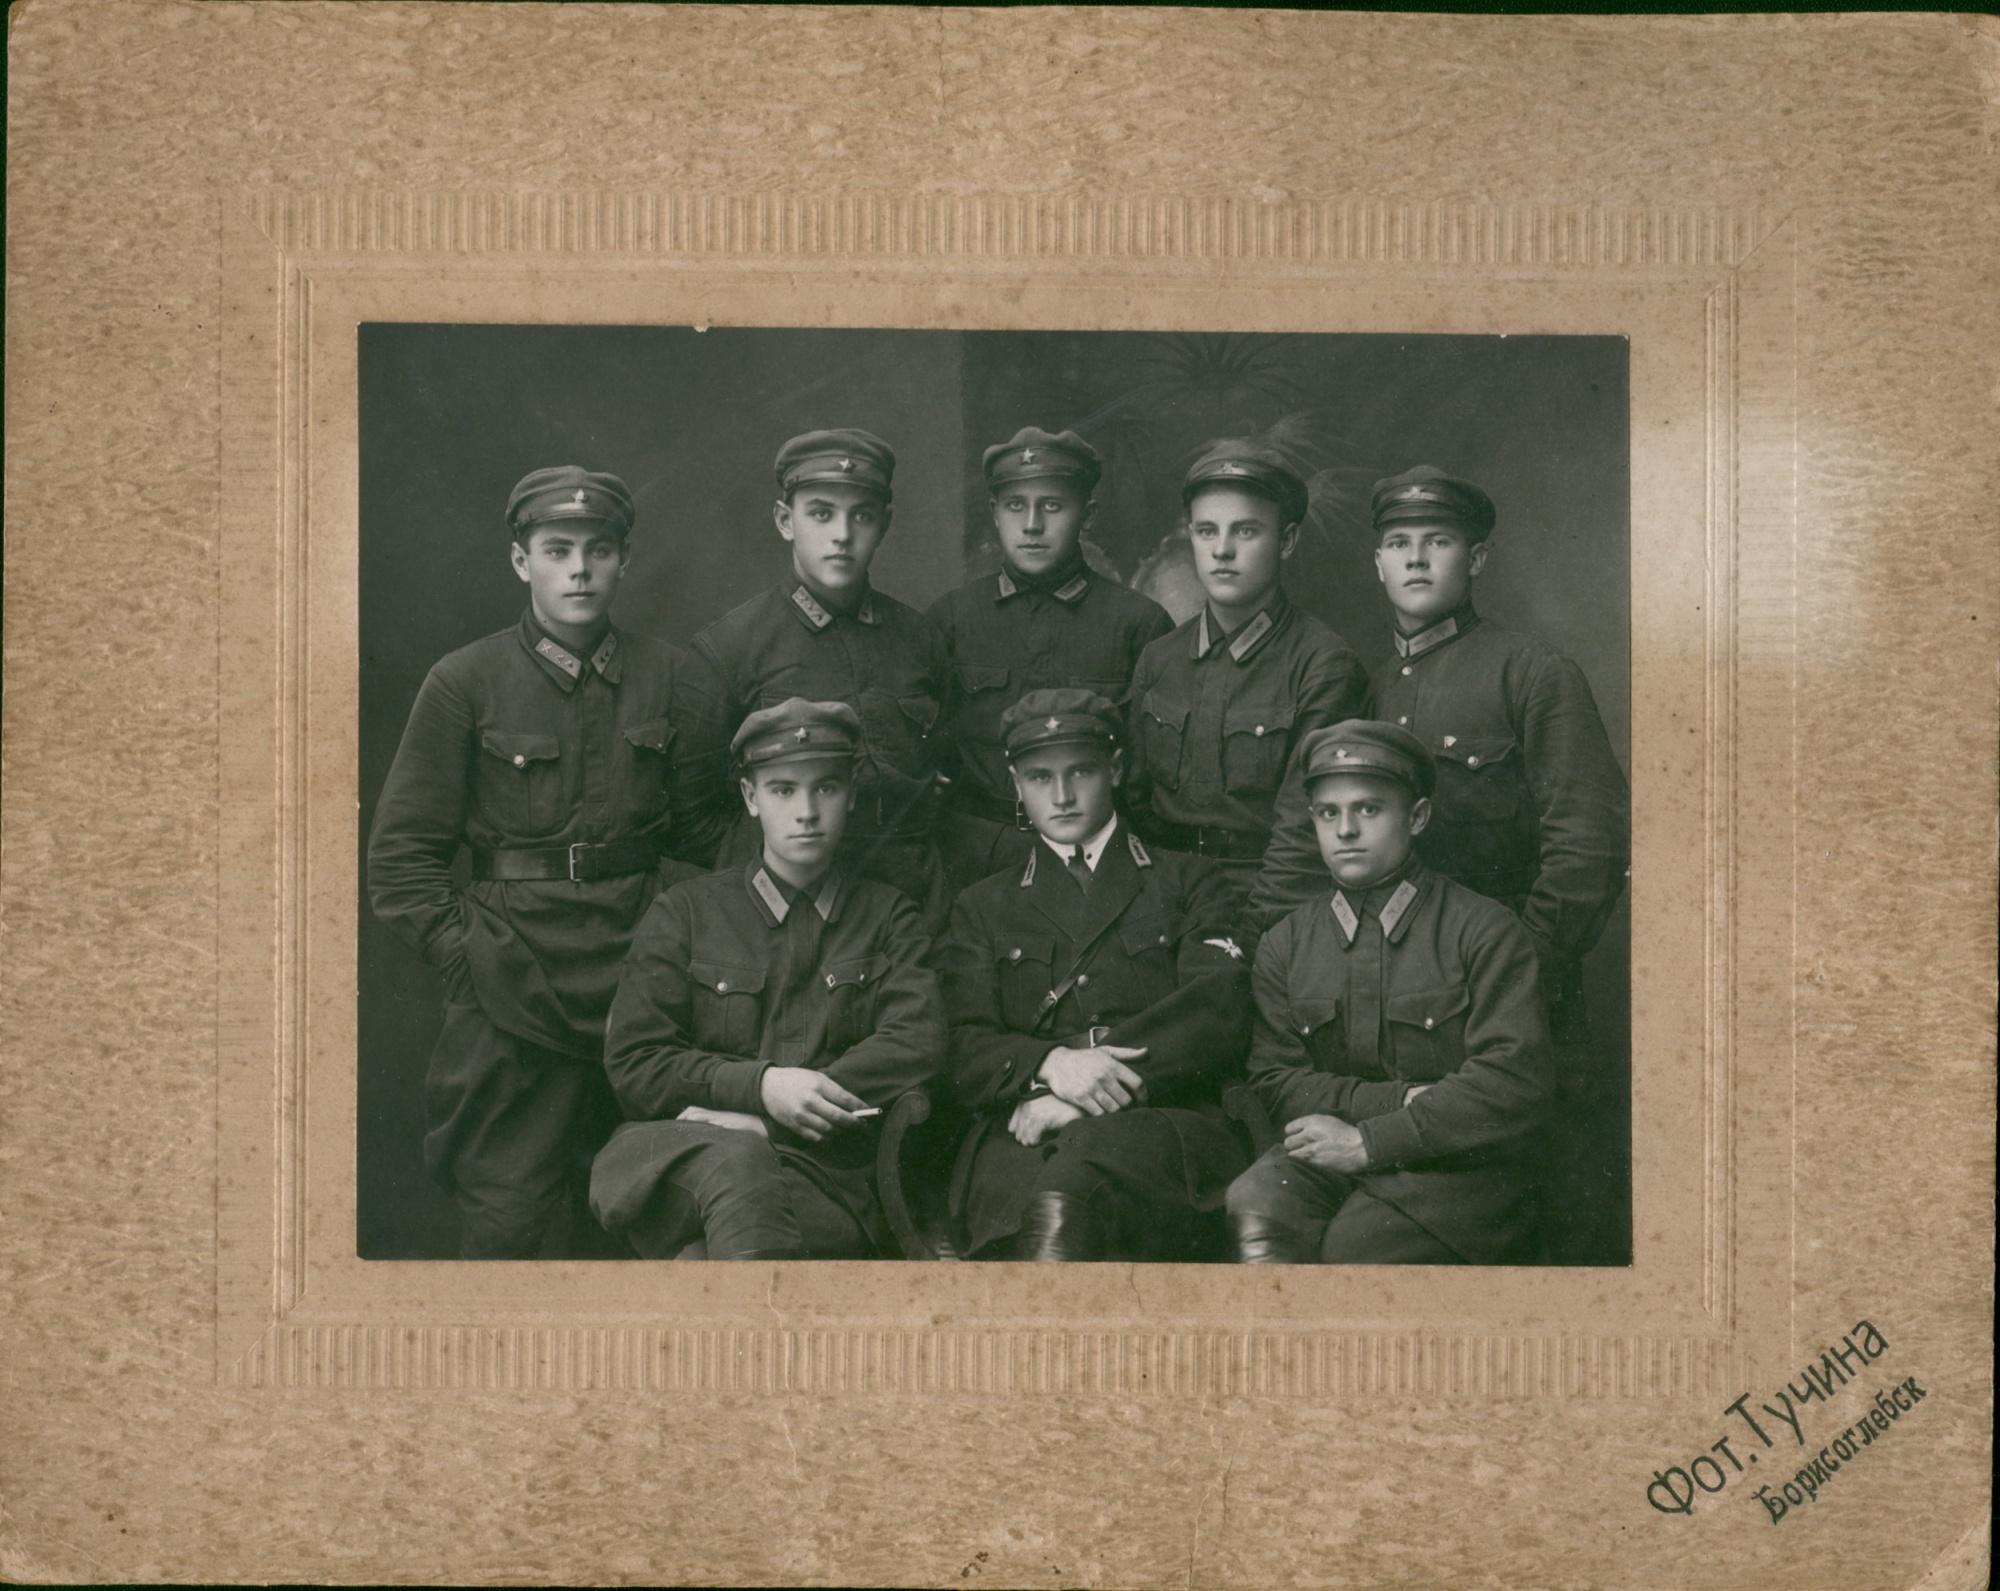 1929. Группа с инструктором Козыревым. 29.09.1929, 2-я ВШЛ, г. Борисоглебск